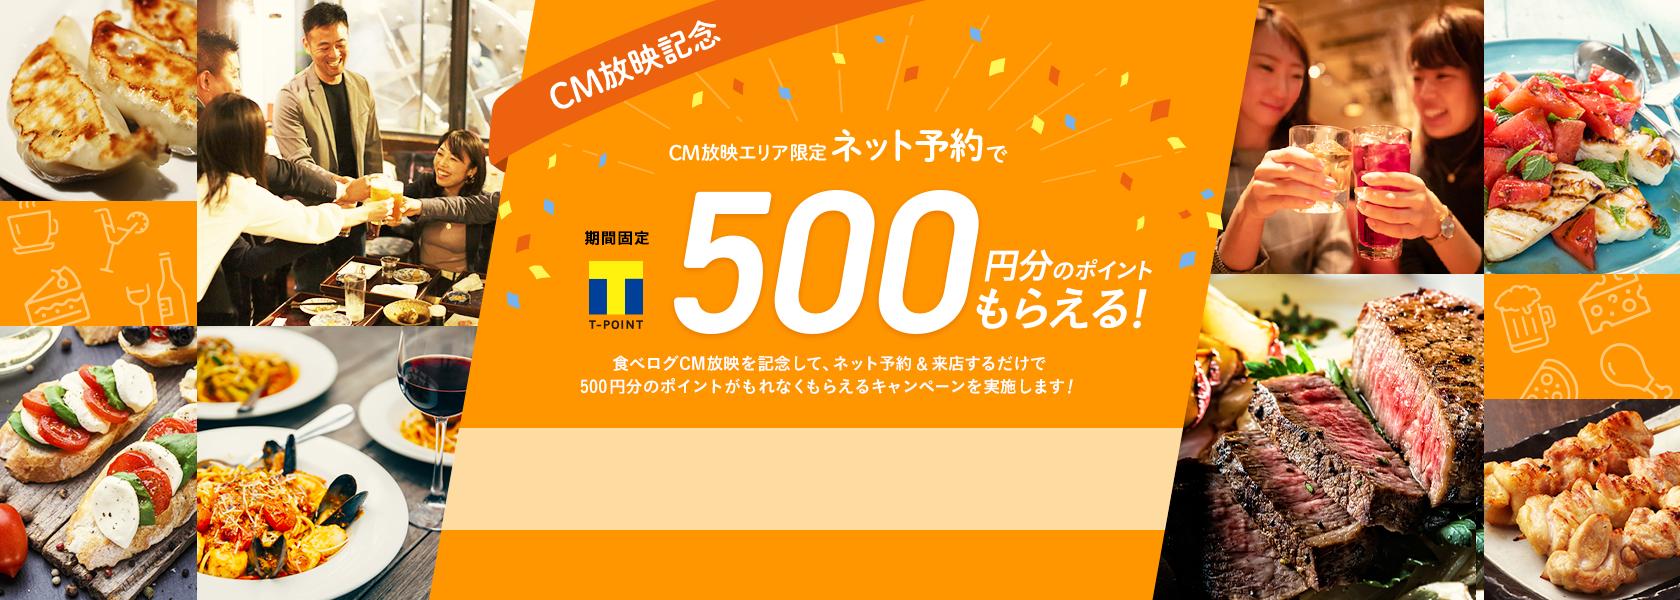 CM放映エリア限定 ネット予約で期間固定Tポイント500円分のポイントもらえる! 食べログCM放映を記念して、ネット予約&来店するだけで500円分のポイントがもれなくもらえるキャンペーンを実施します!